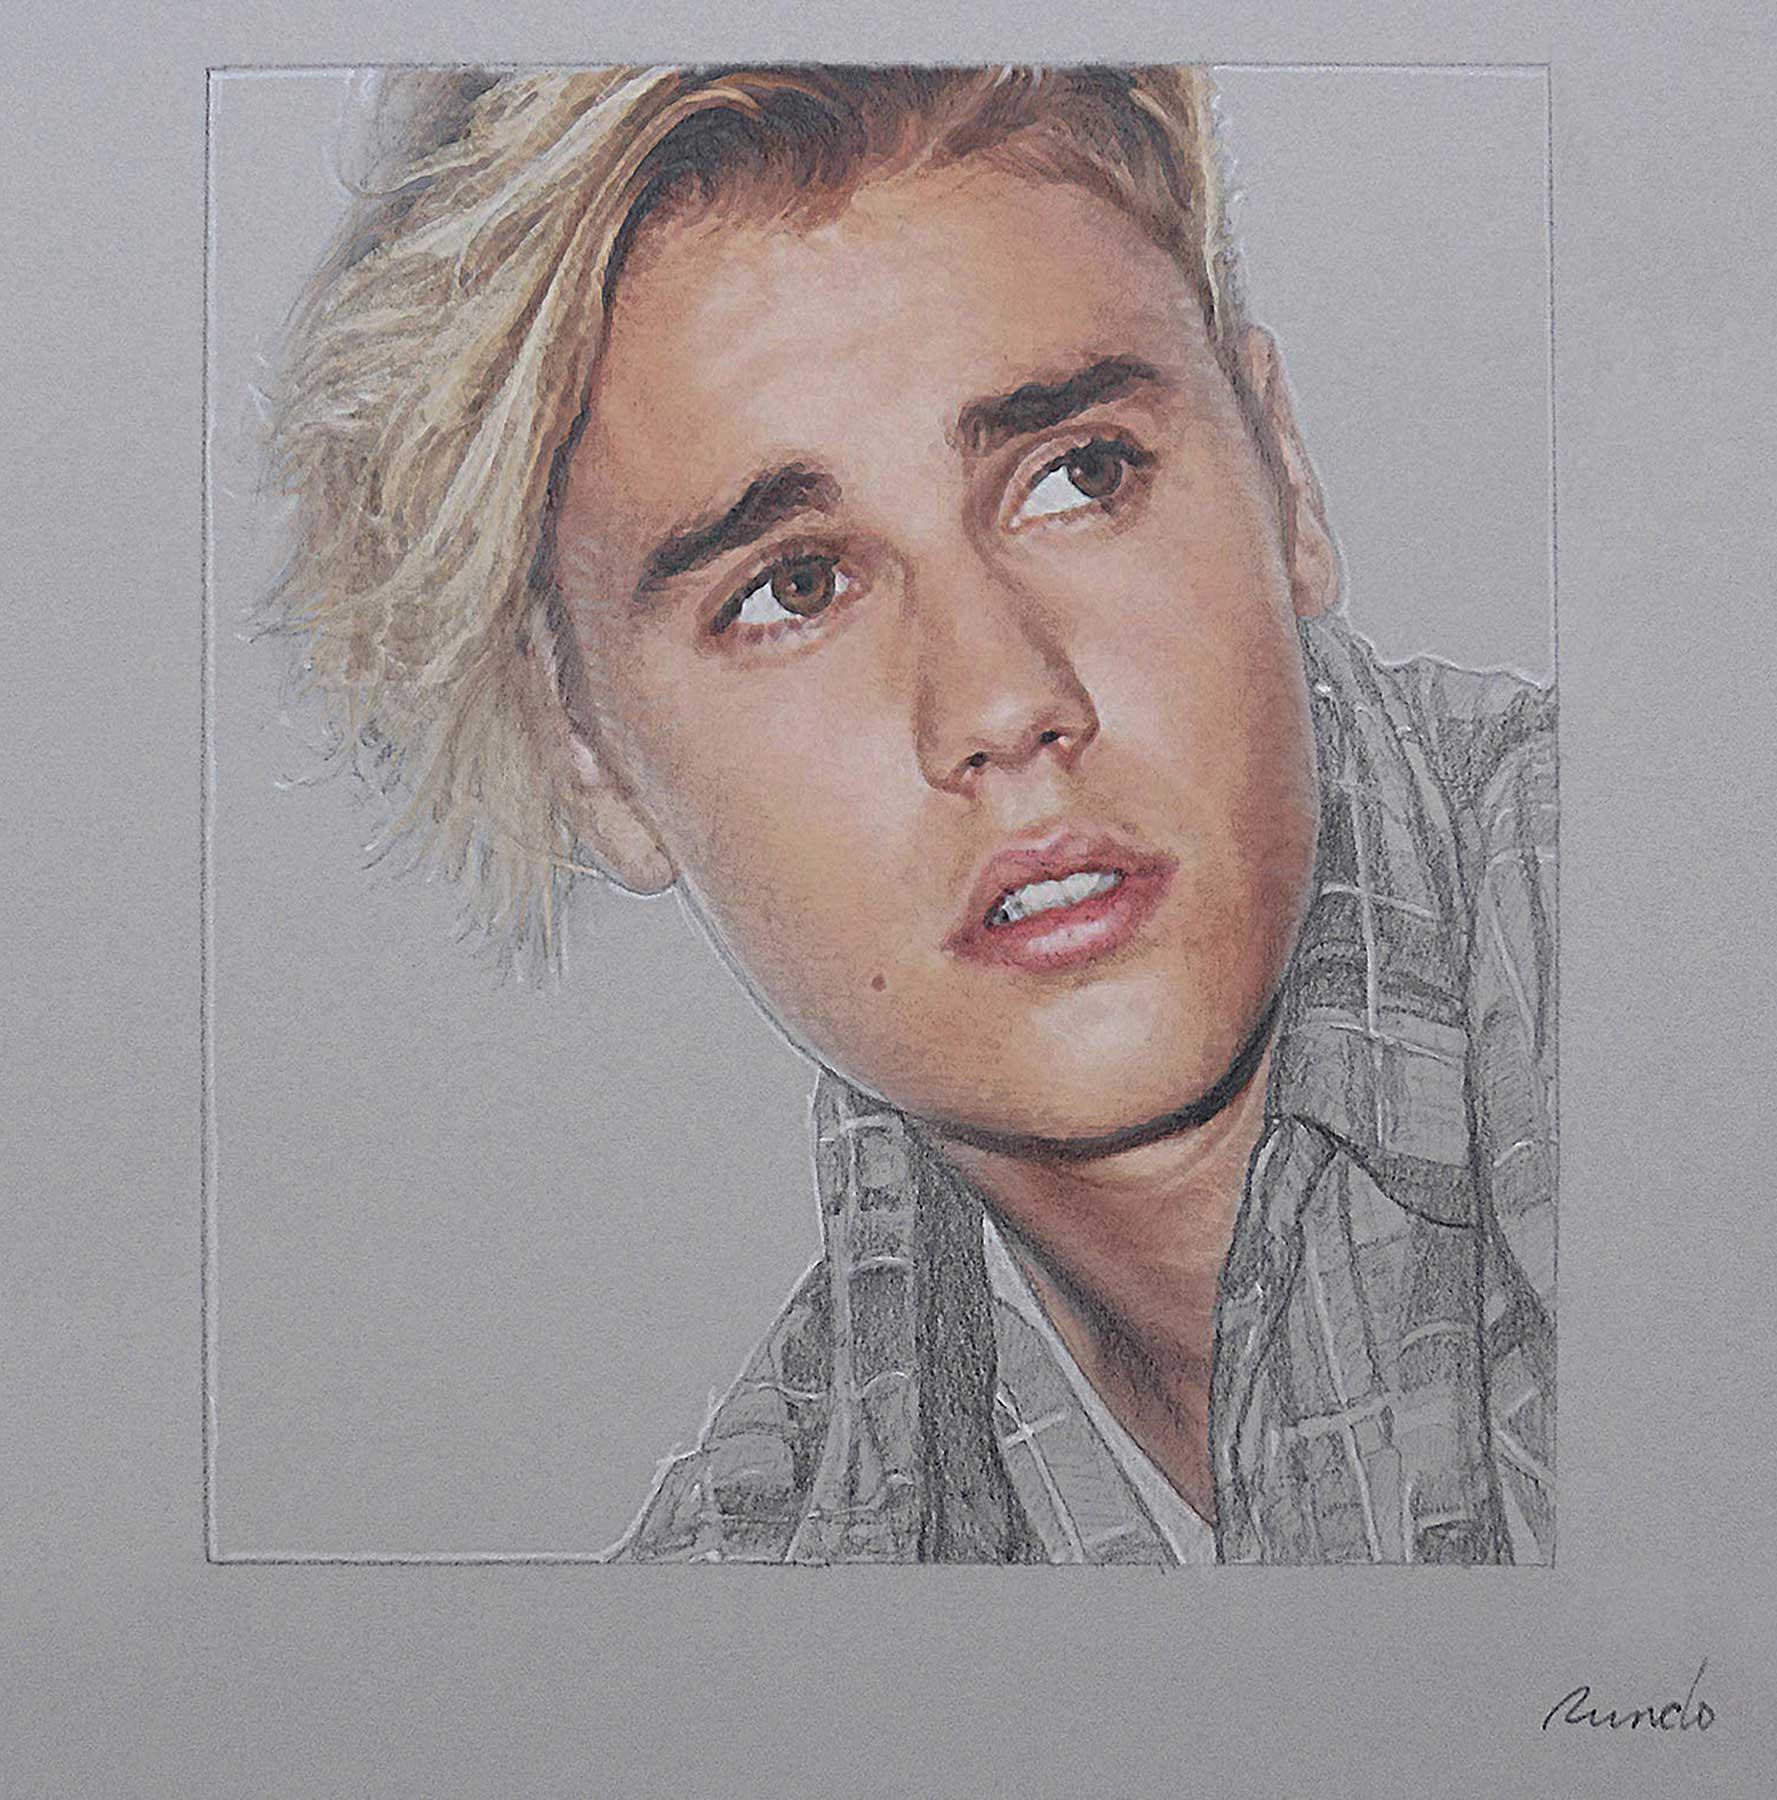 Ron Rundo / Justin Bieber / Pencil, gouache on card